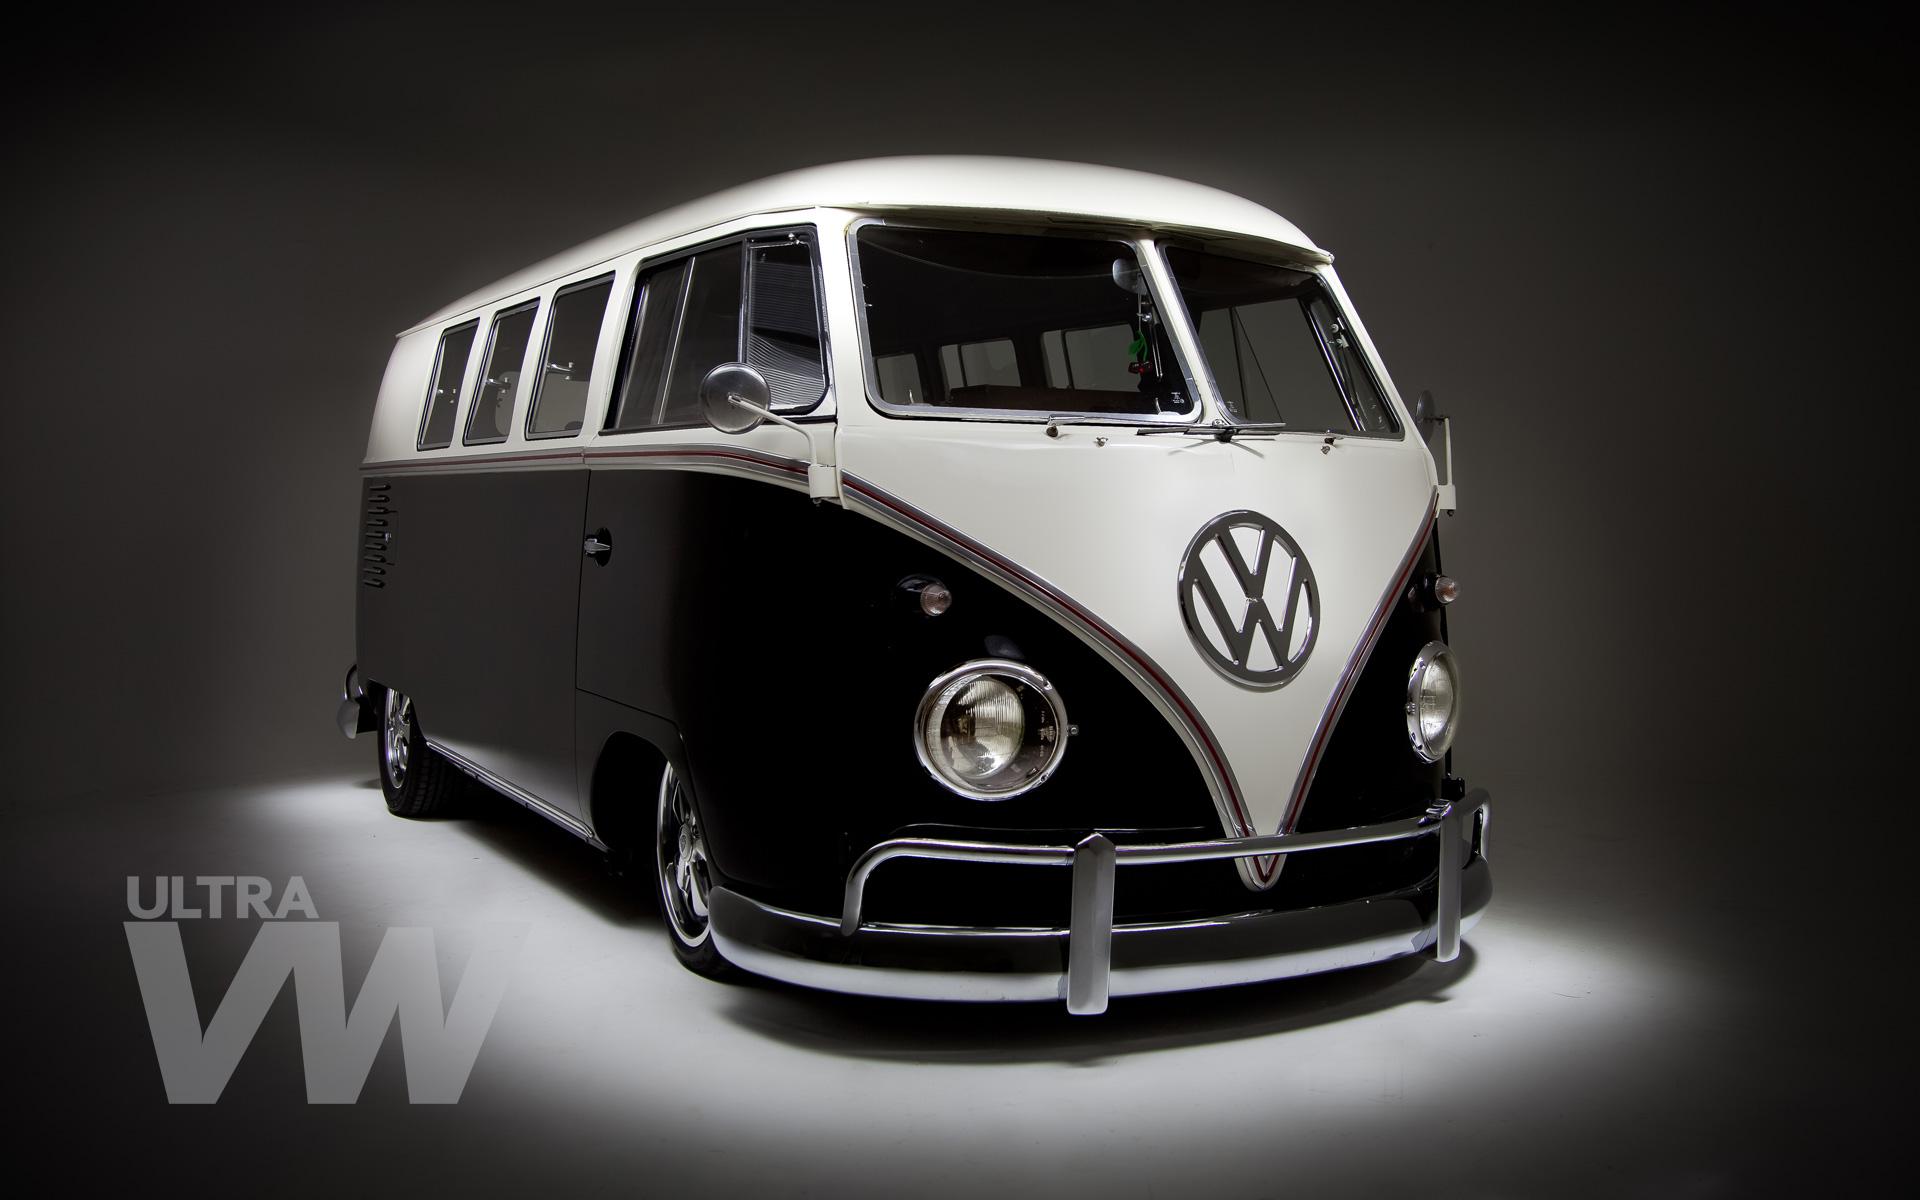 50] VW Wallpaper Screensavers on WallpaperSafari 1920x1200